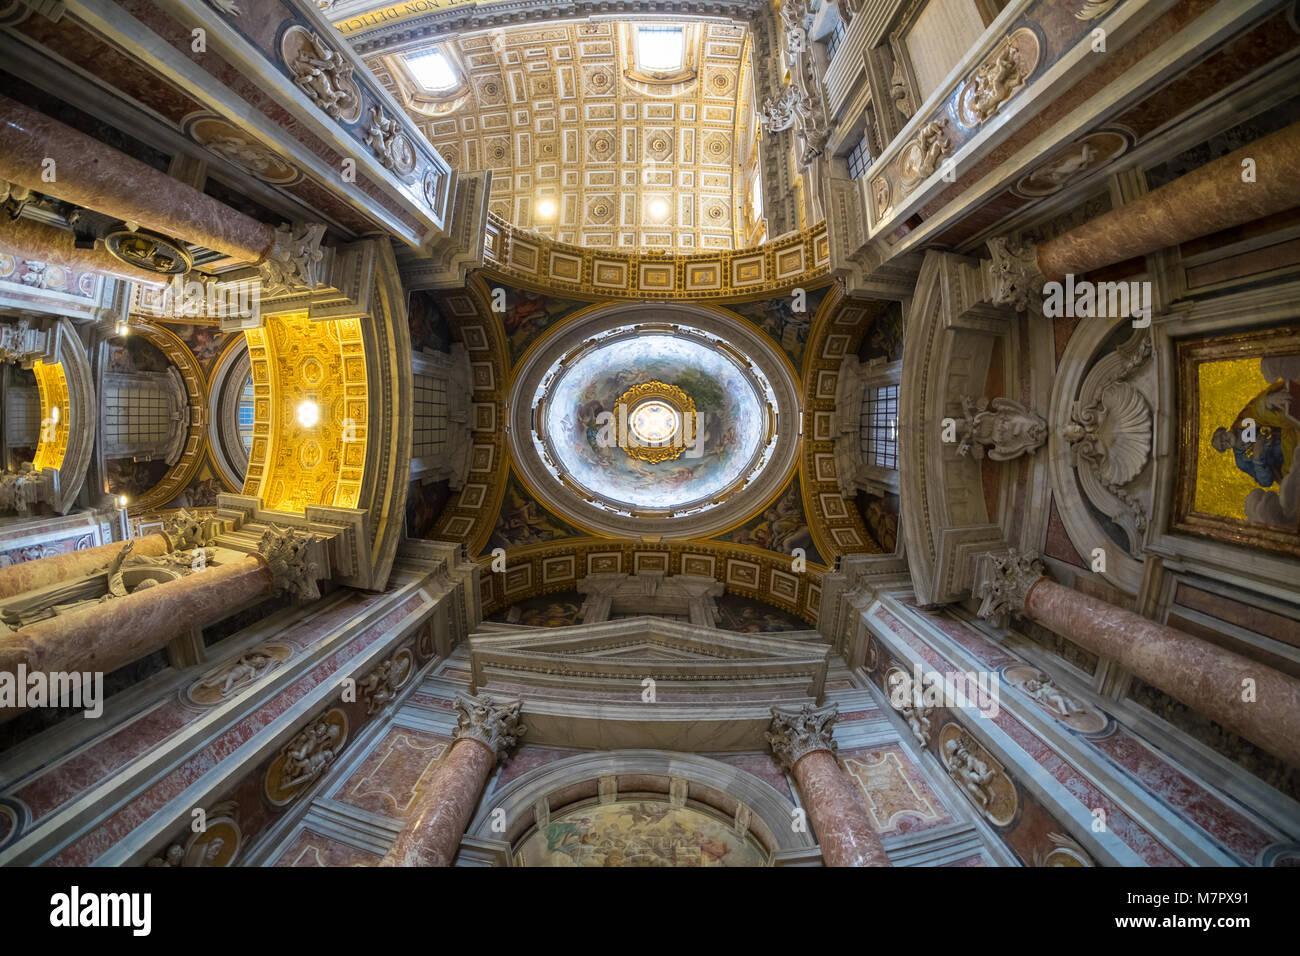 Il soffitto della Basilica di San Pietro in Vaticano, Roma, obiettivo grandangolare consente di visualizzare Immagini Stock